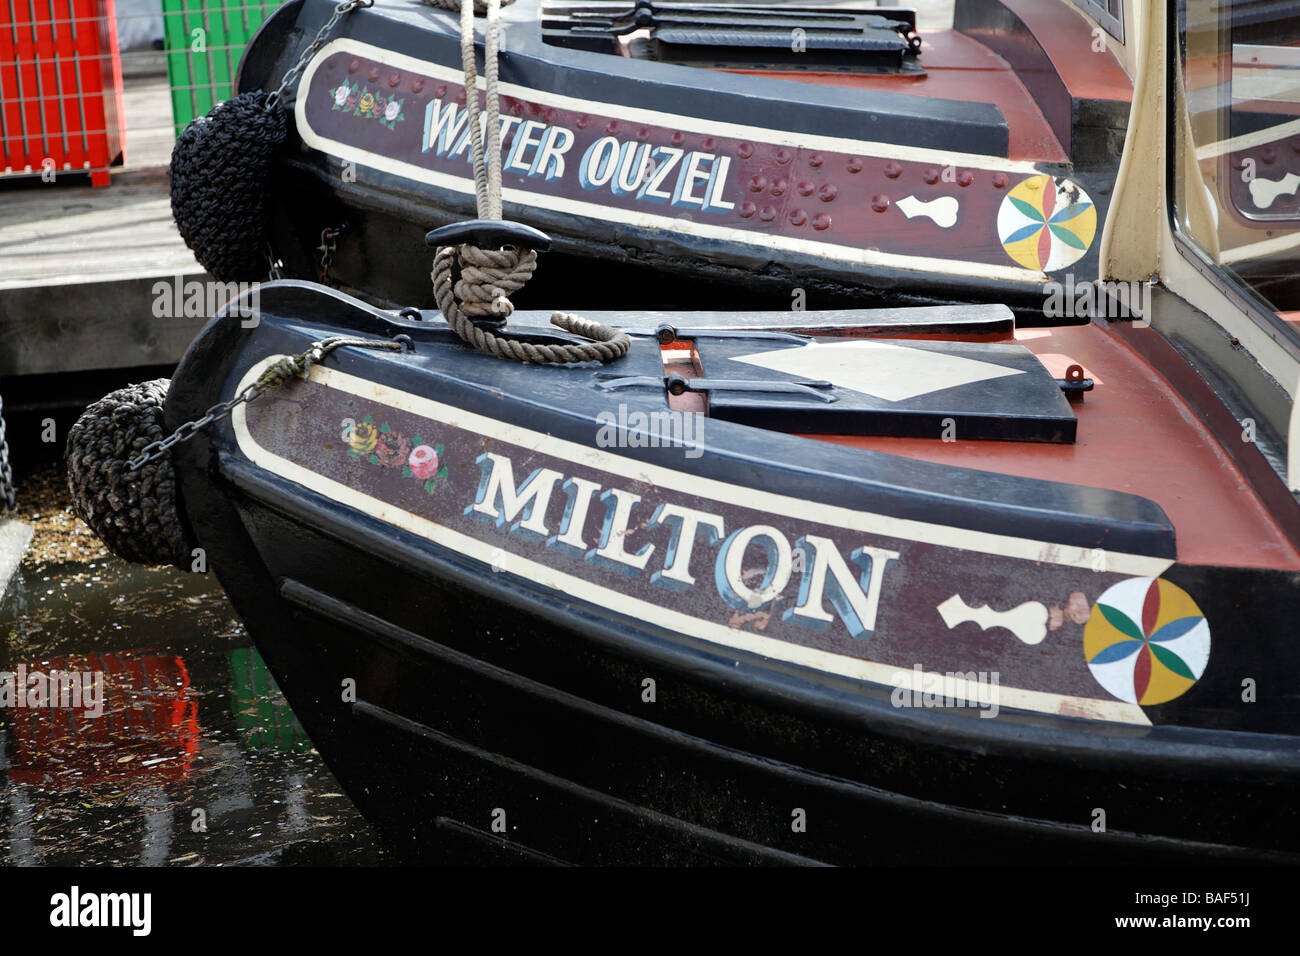 Narrow boats Camden Lock London England - Stock Image